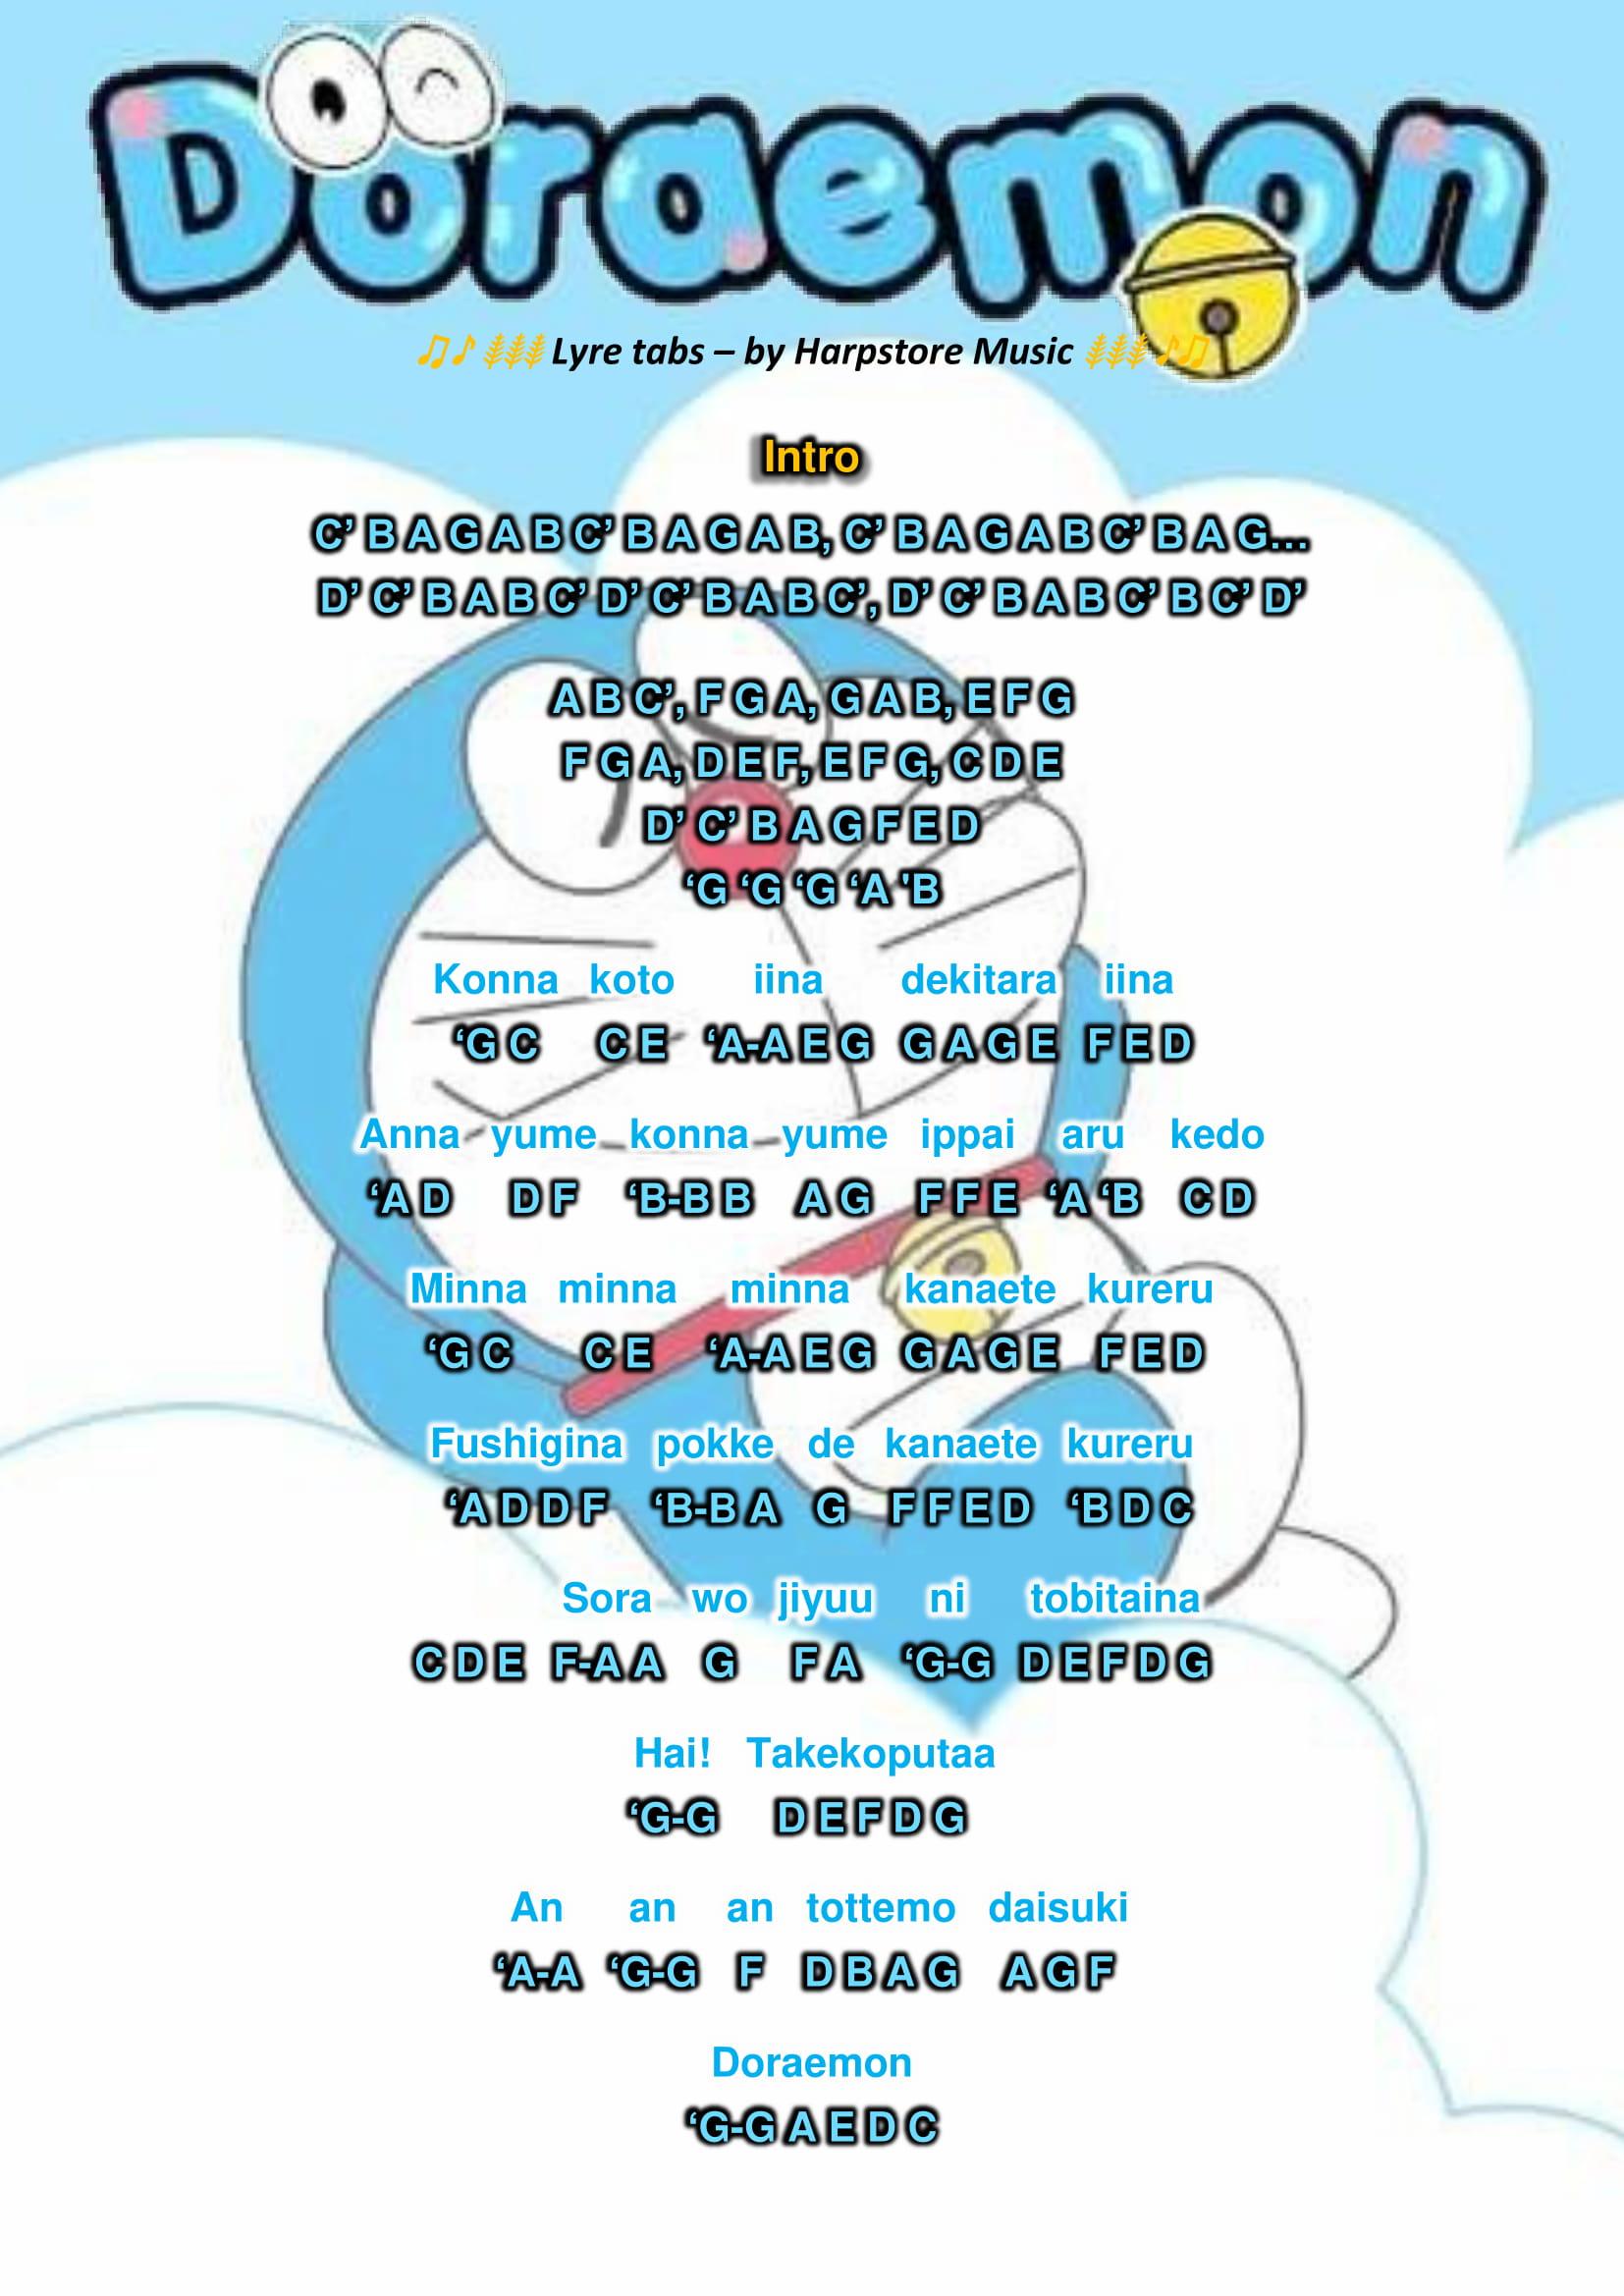 Doraemon no Uta Lyre